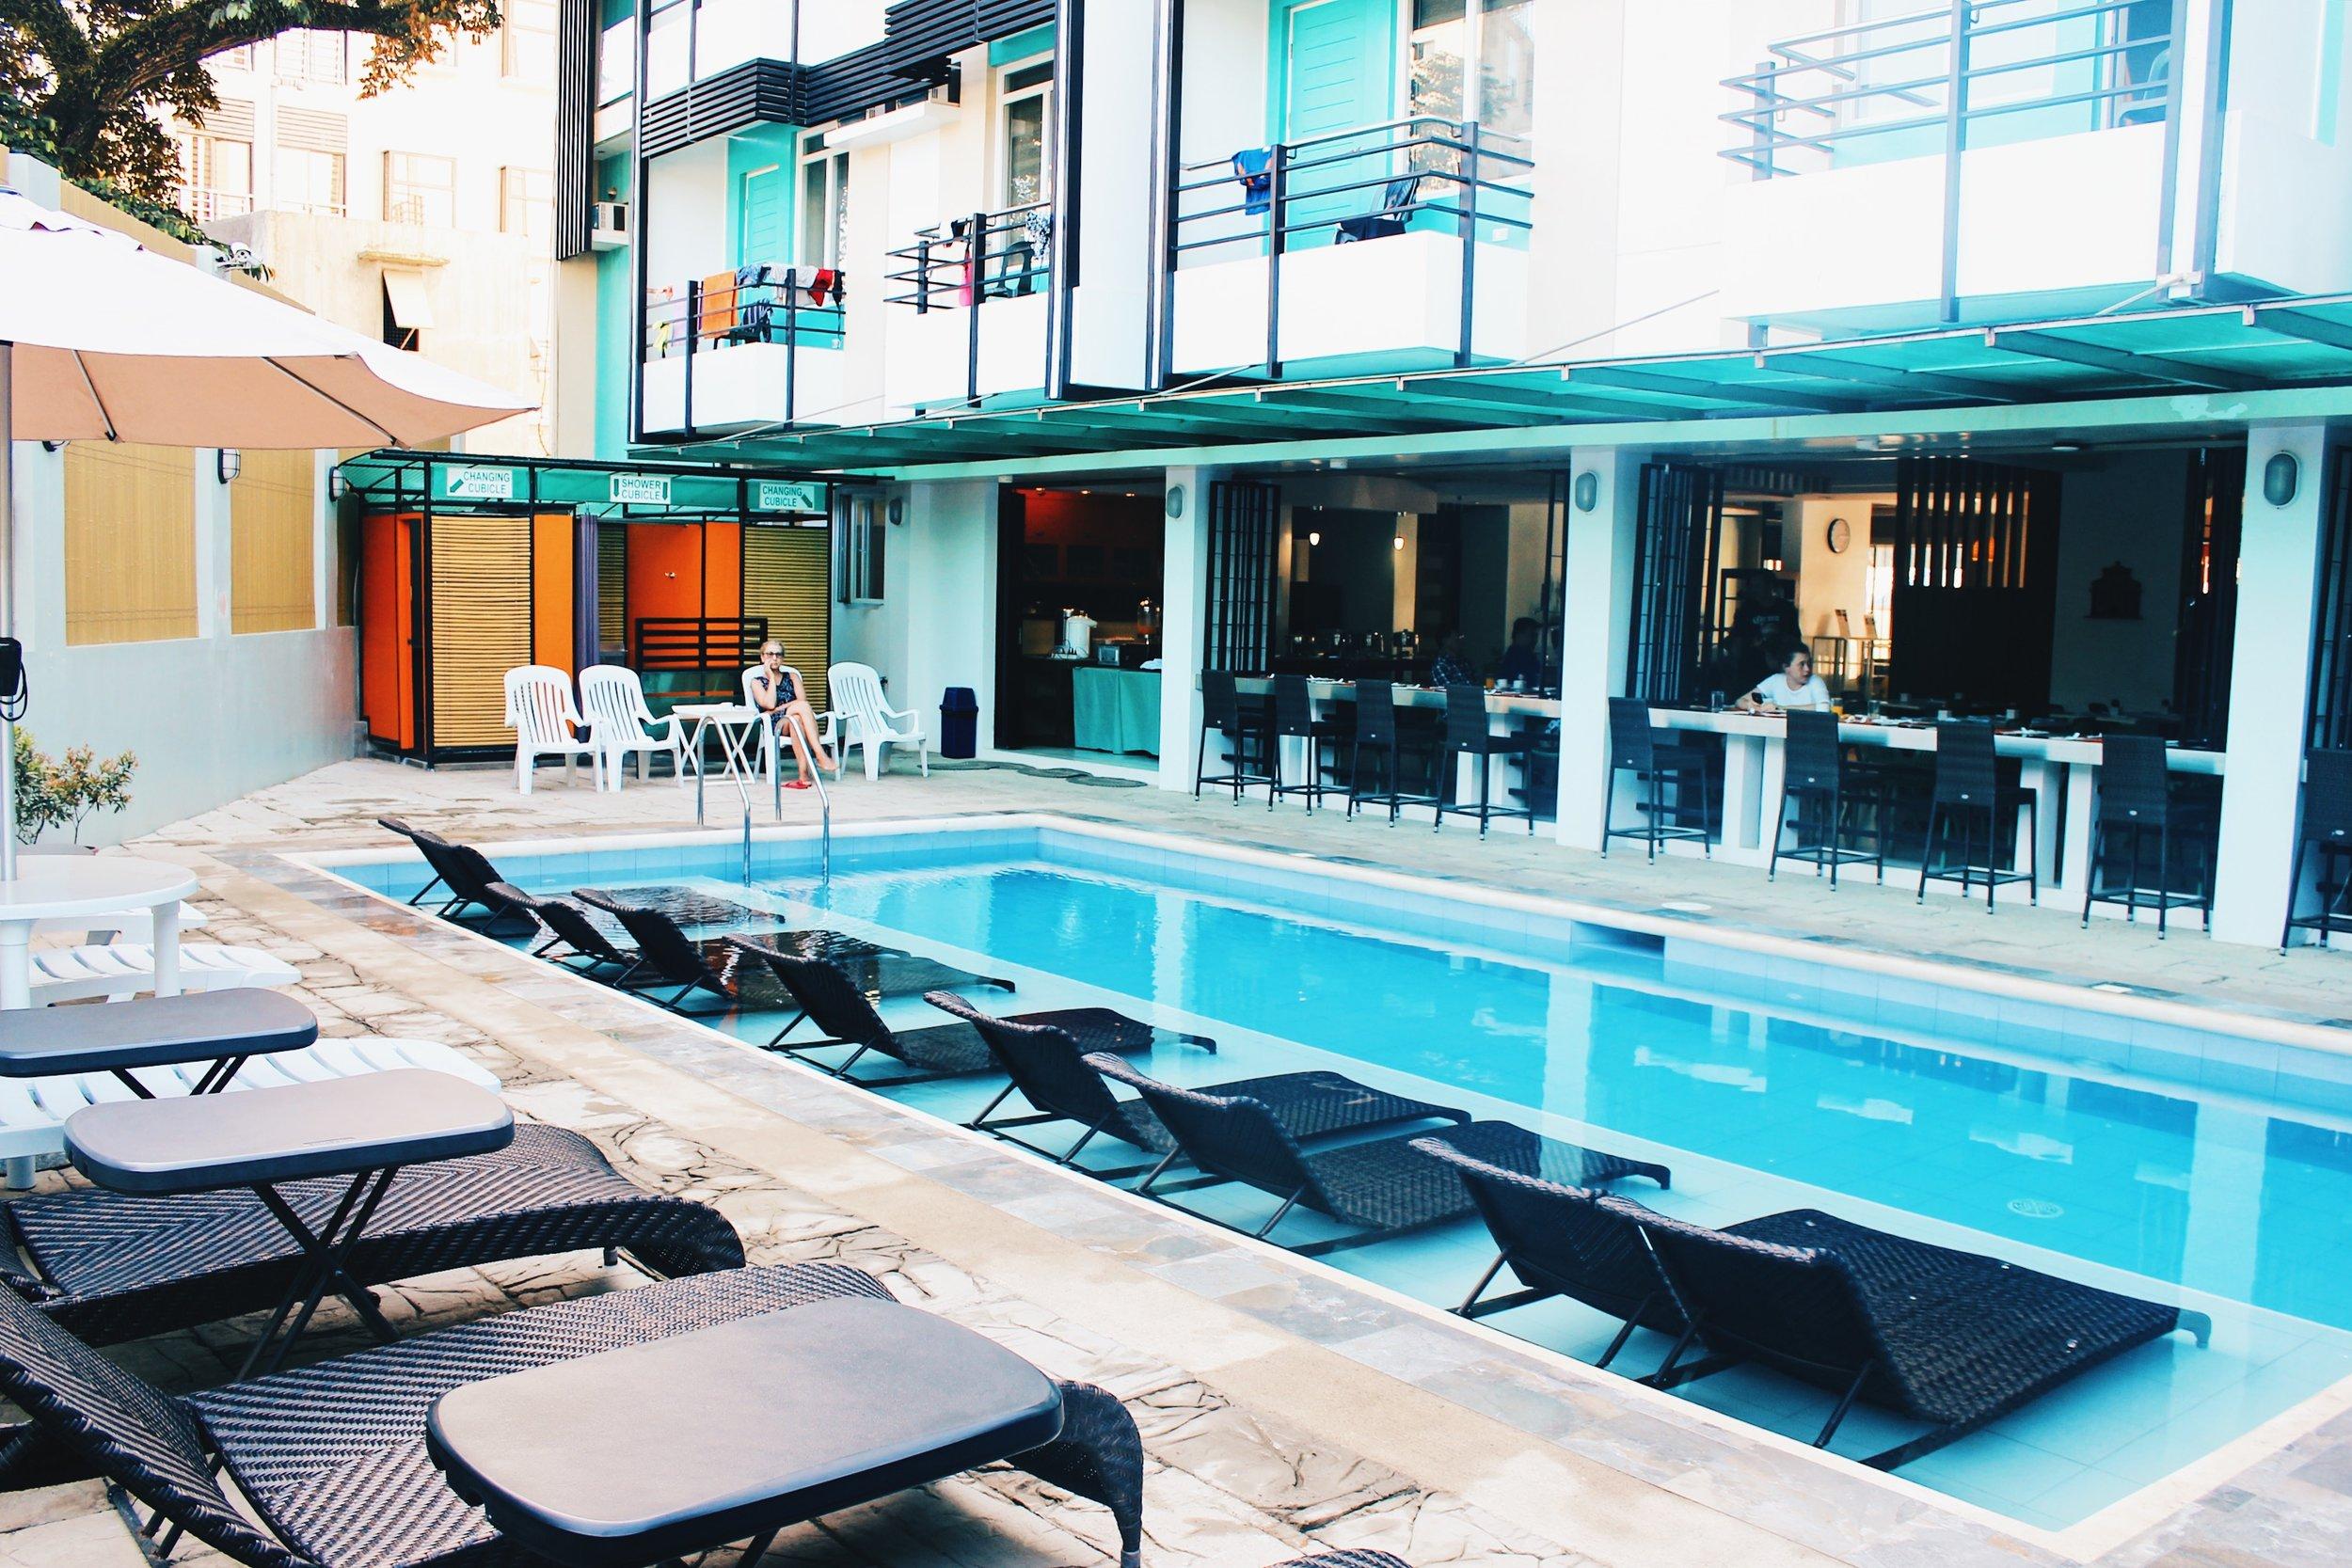 游泳池-海茧酒店-厄尔尼多,巴拉望-评论在illumelation.combeplay3体育官方下载